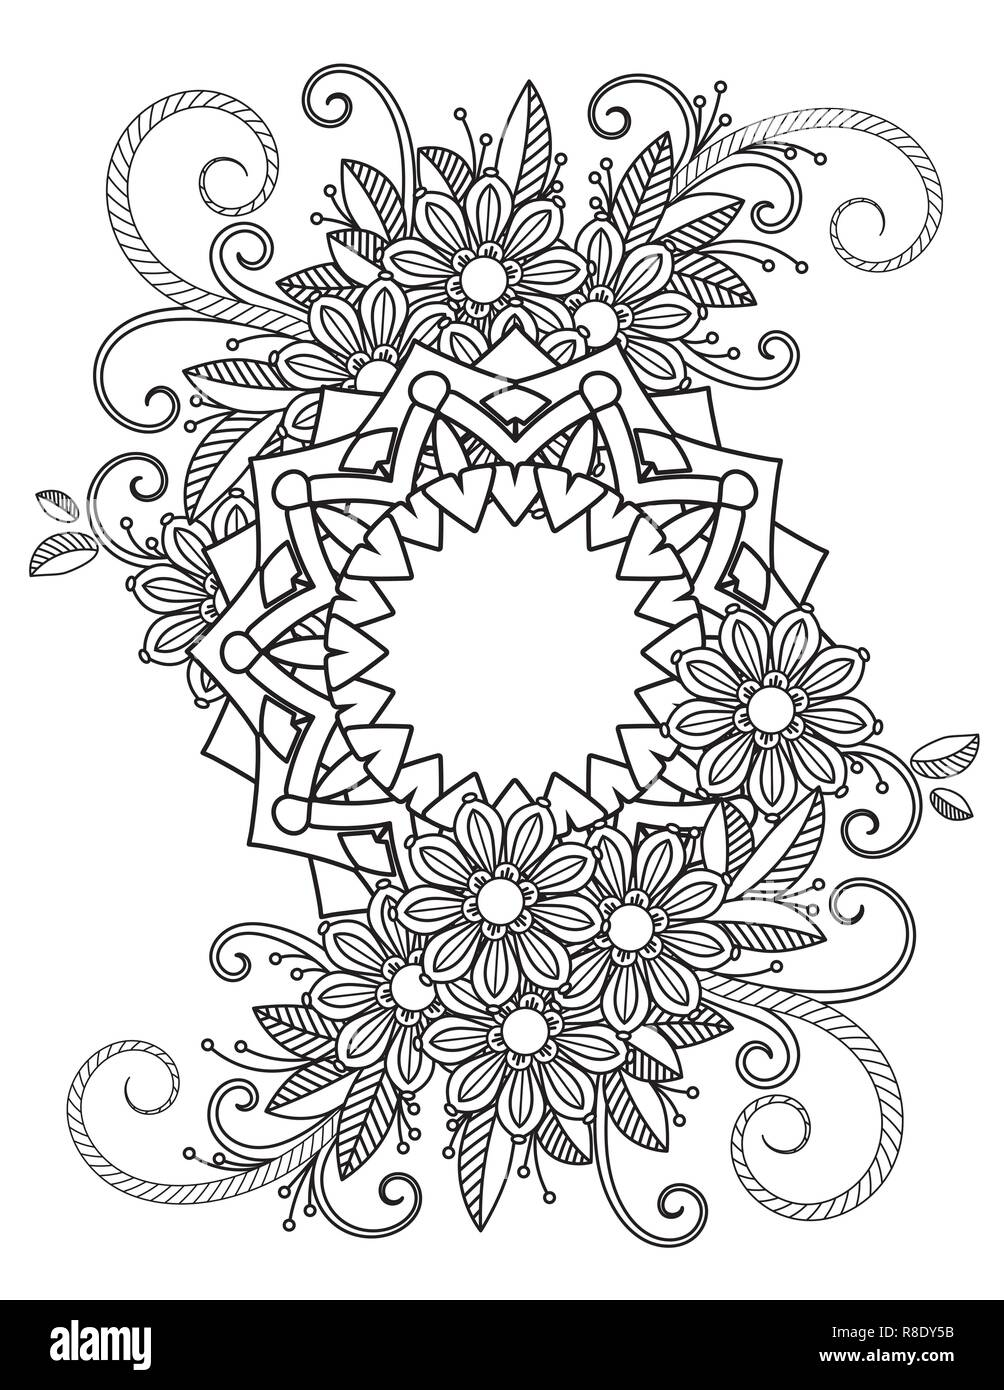 Coloriage Adulte Blanc.Motif Floral Mandala En Noir Et Blanc Livre De Coloriage Adultes